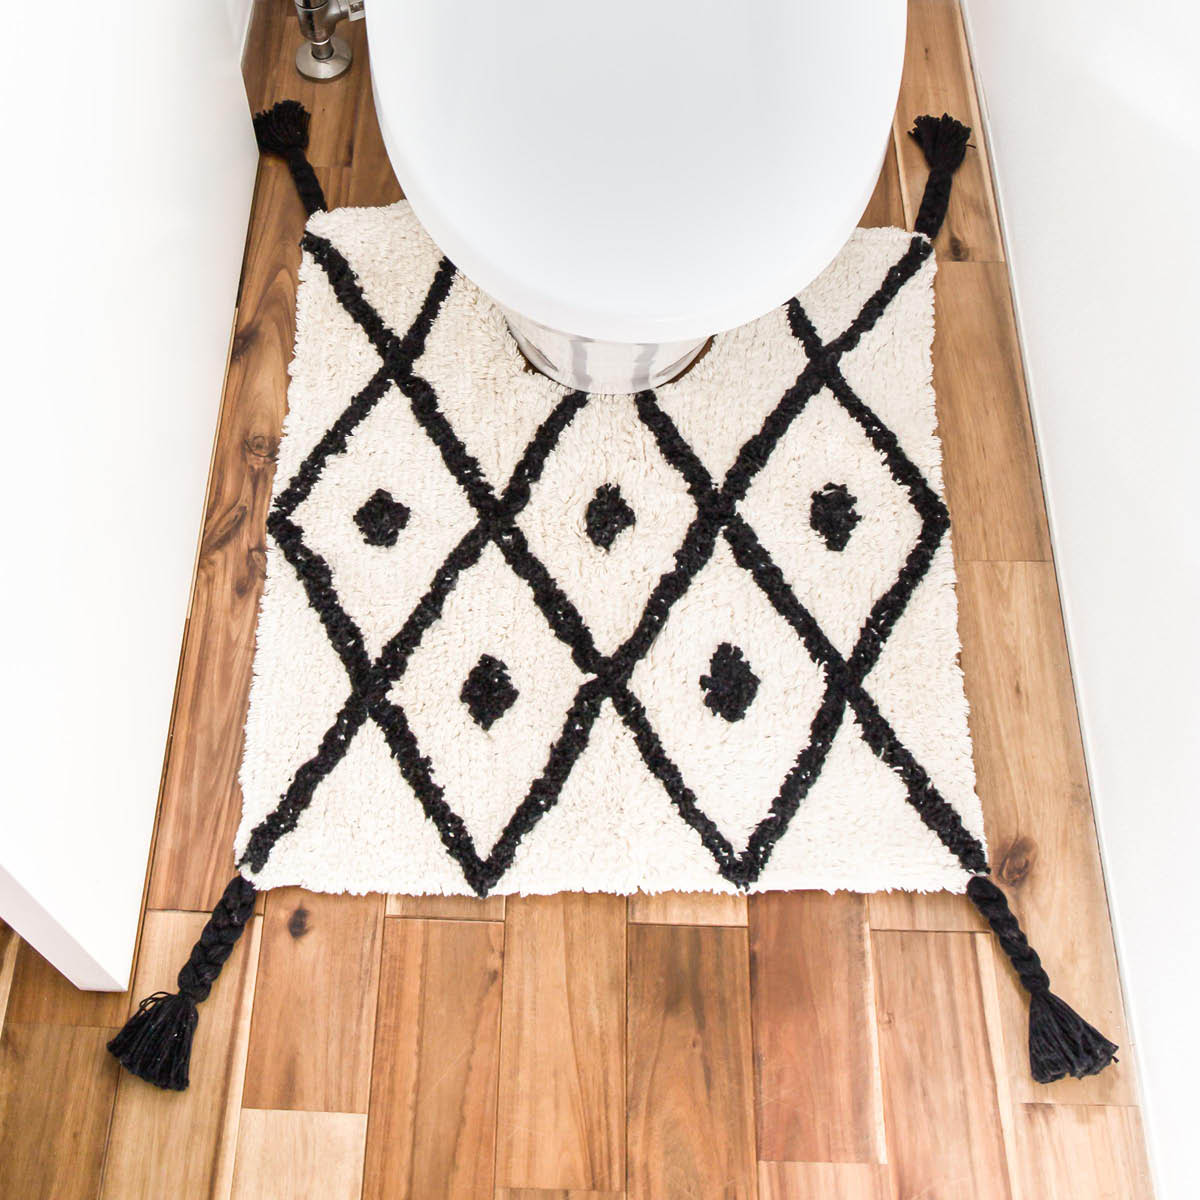 丸洗いOKのトイレマット [b2c トイレマット-L チェック] サラサデザインストア